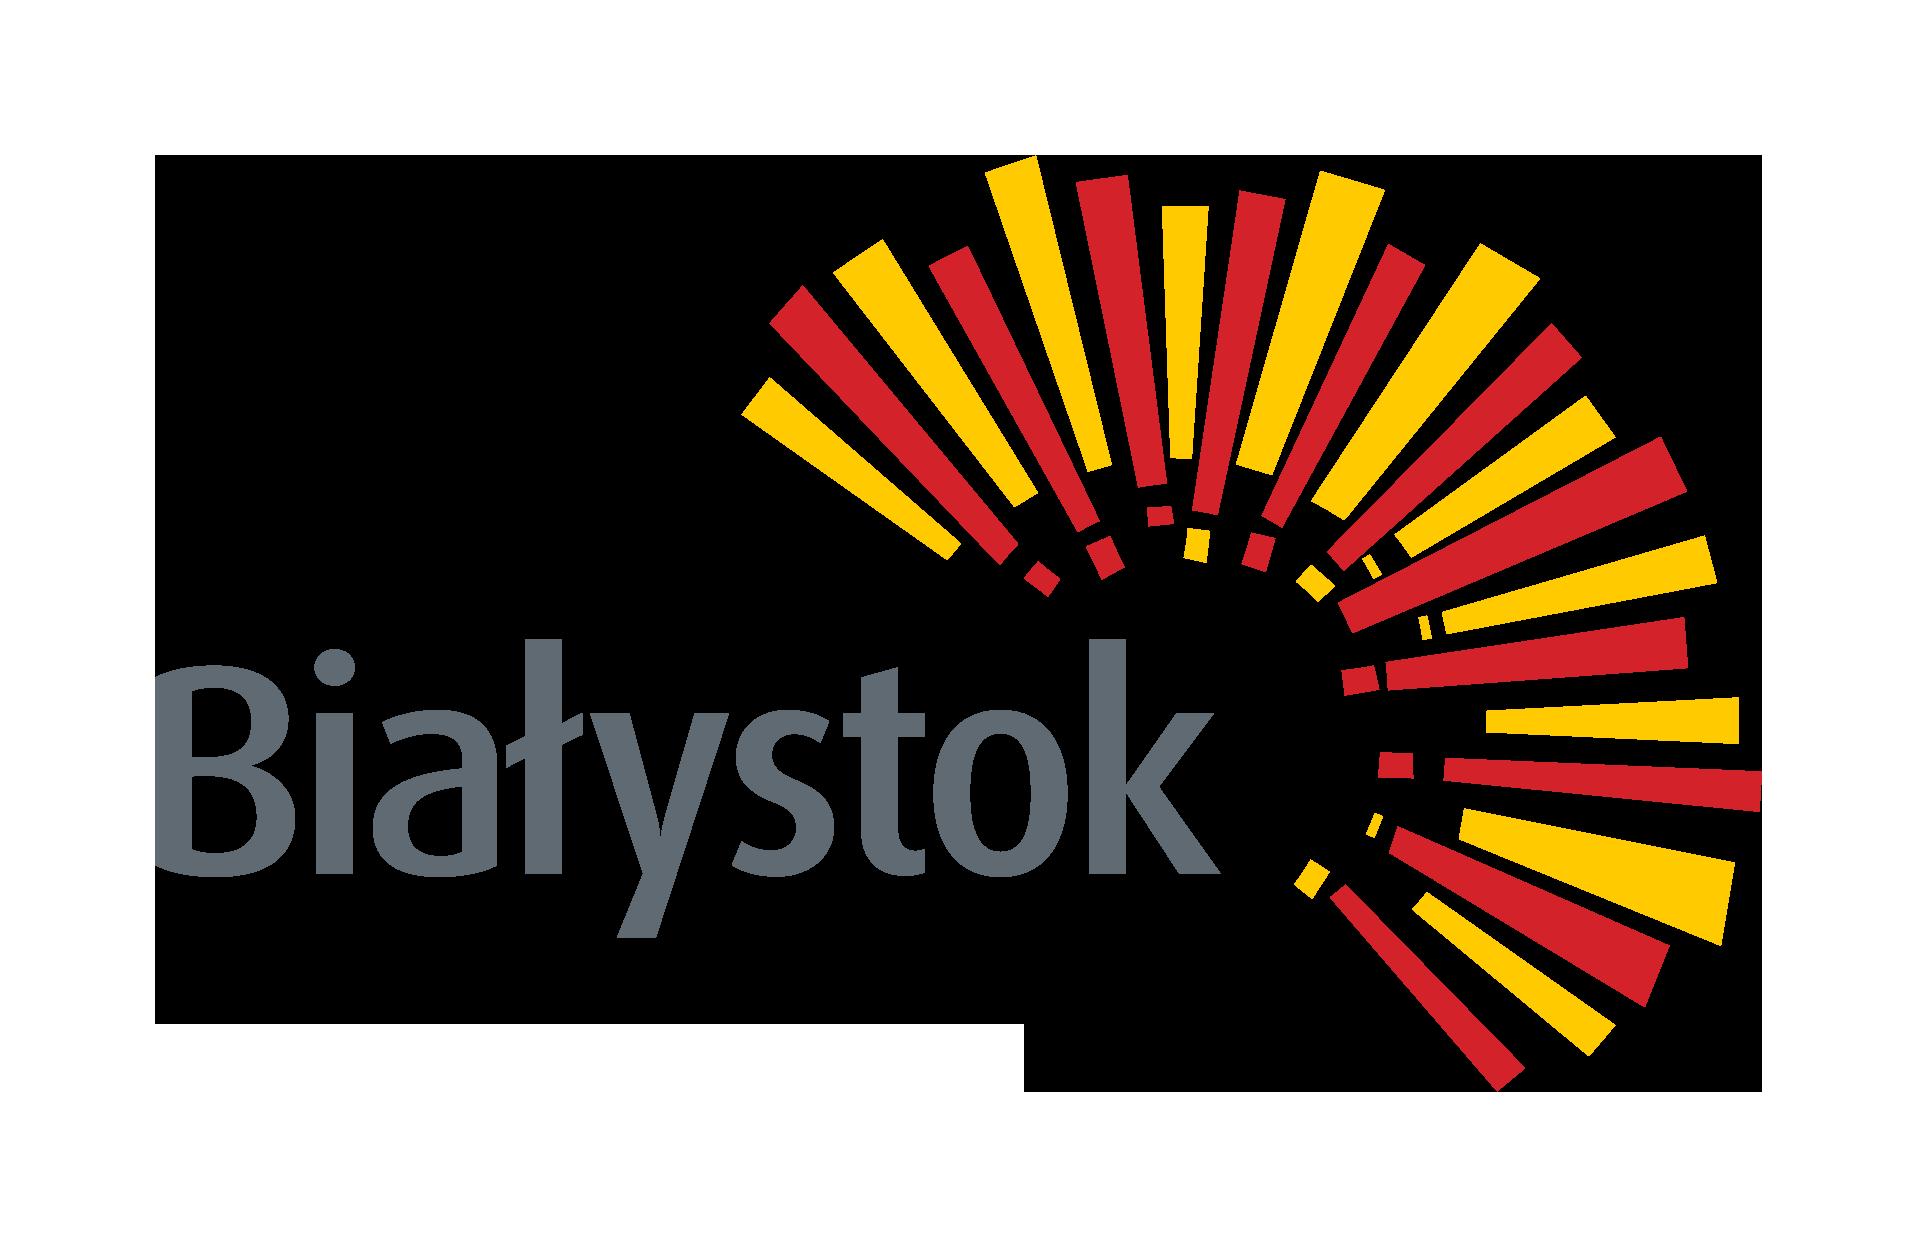 napis Białystok obok odchodzące od niego czerwone i żółte promienie